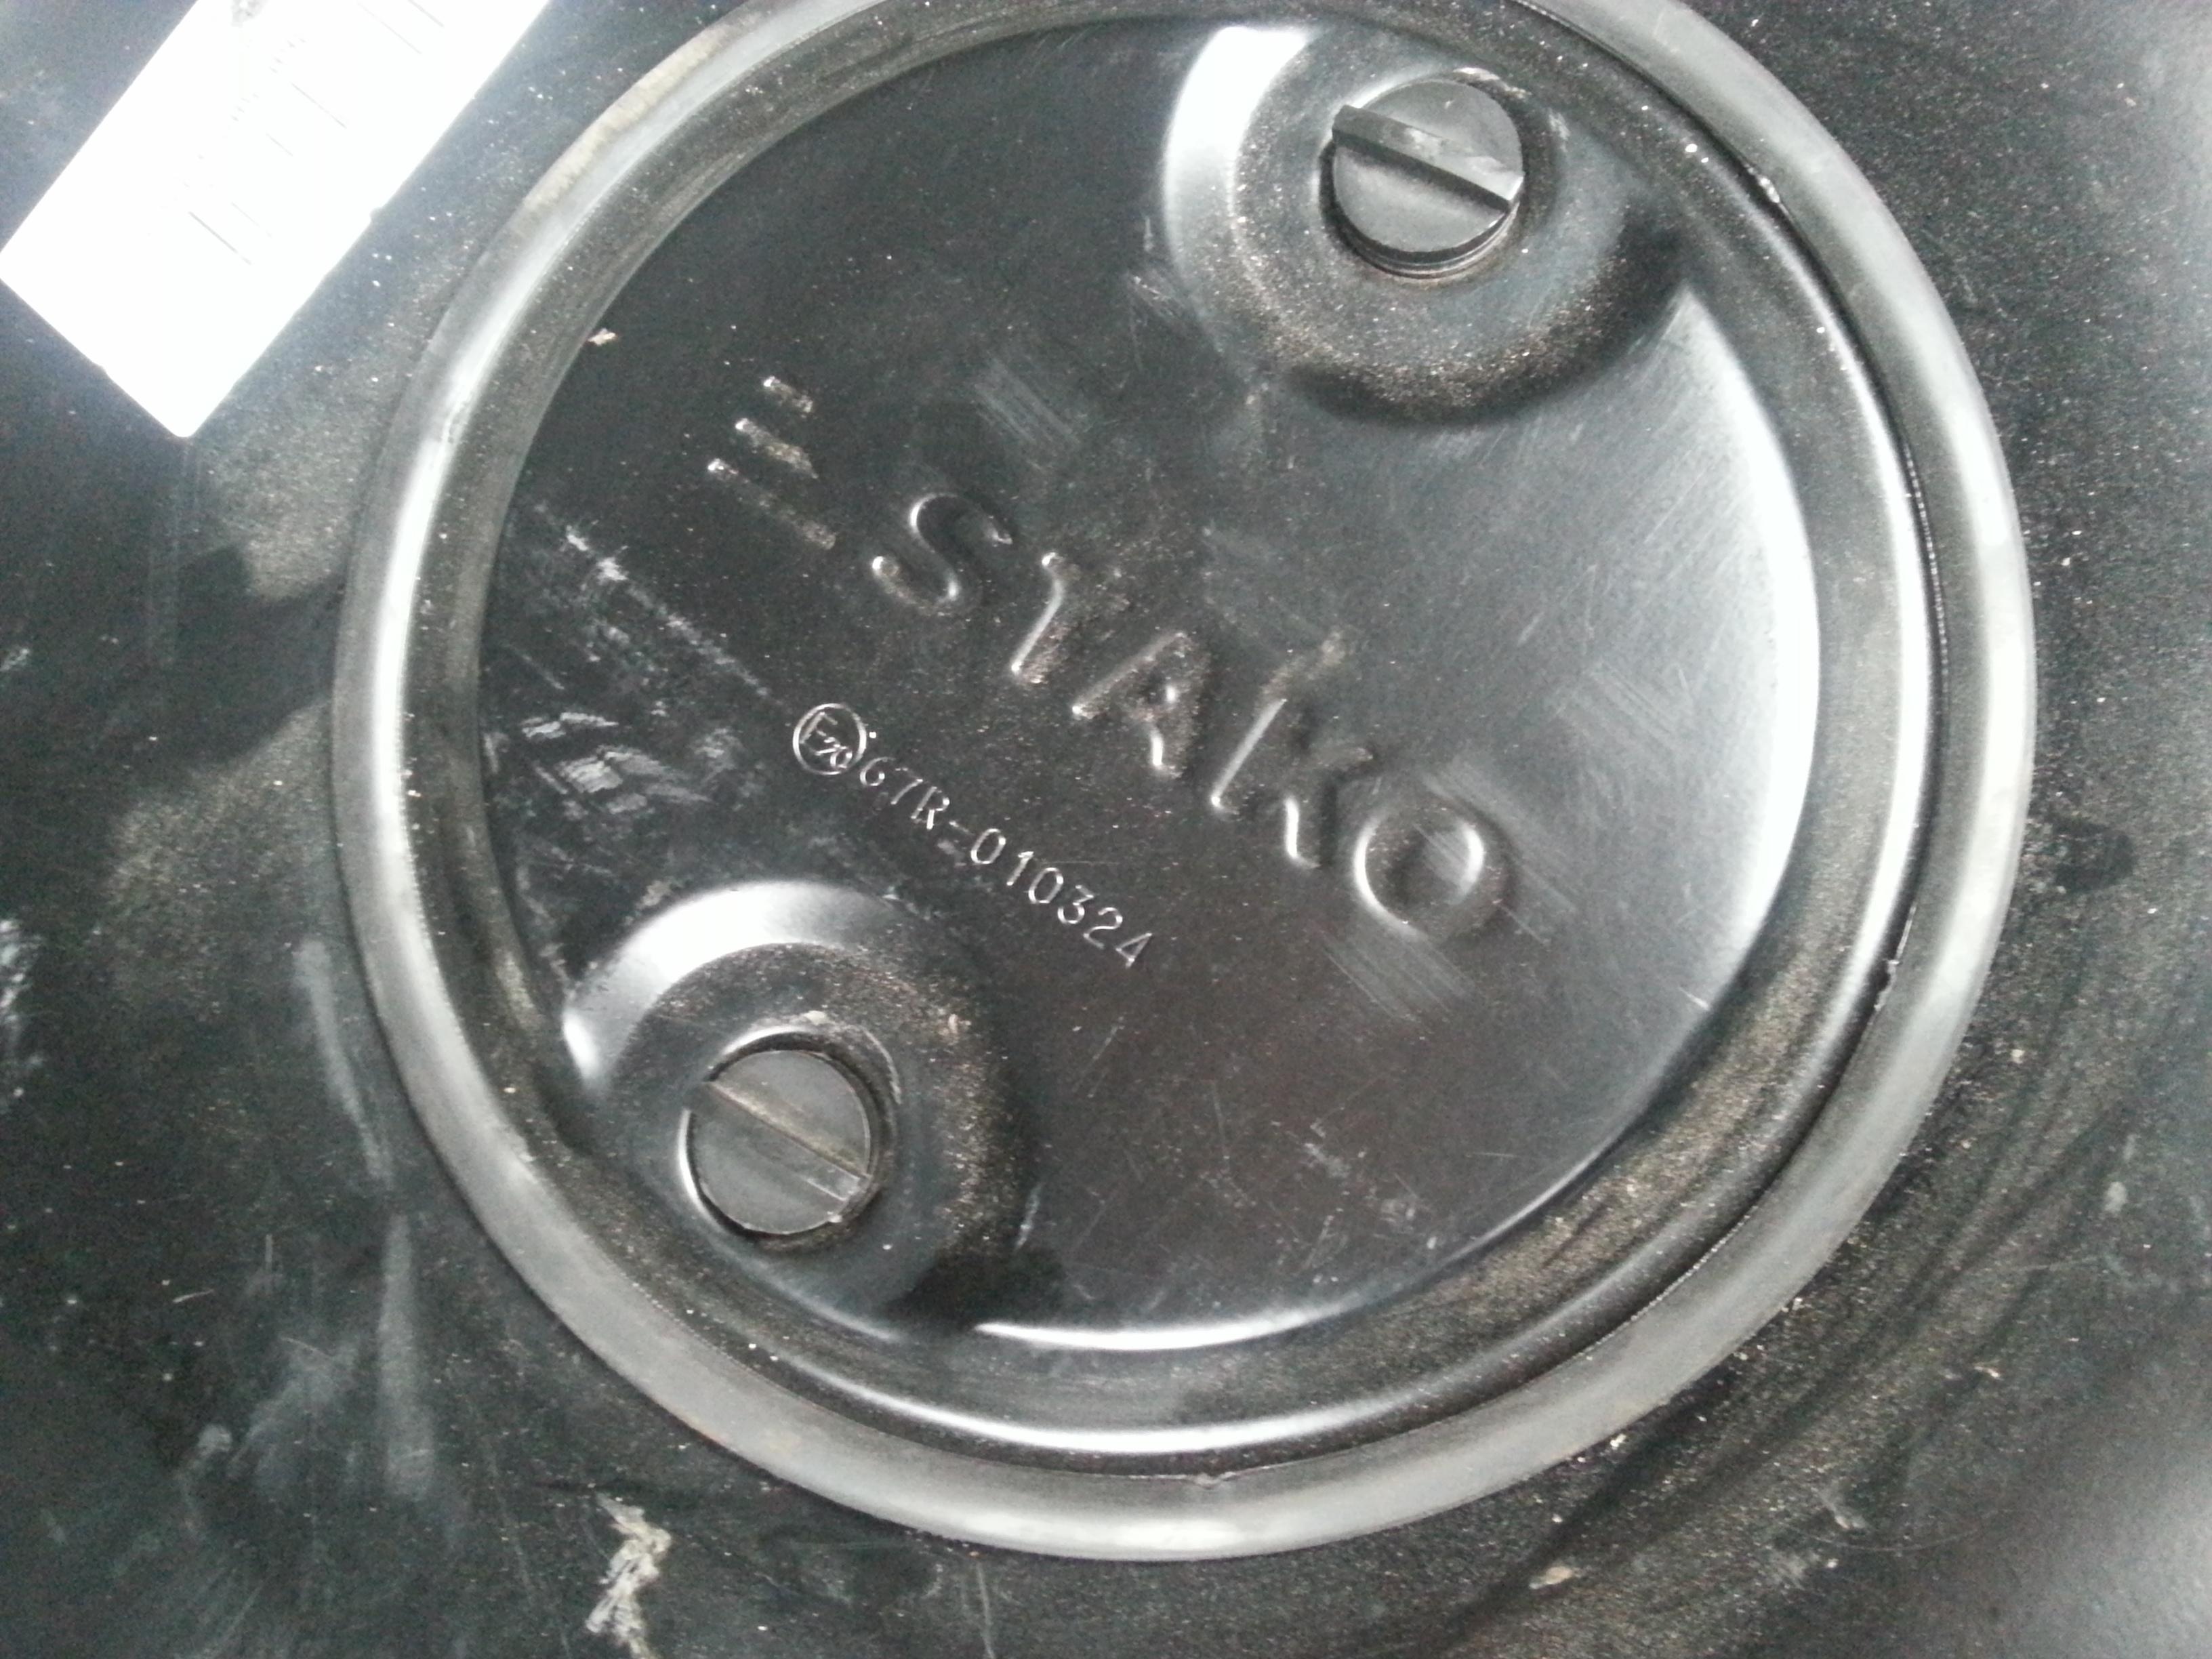 VW Golf IV 1.4 GAZ PROBLEM - Gaz nie w��cza sie i pika g�o�niczek ca�y czas.